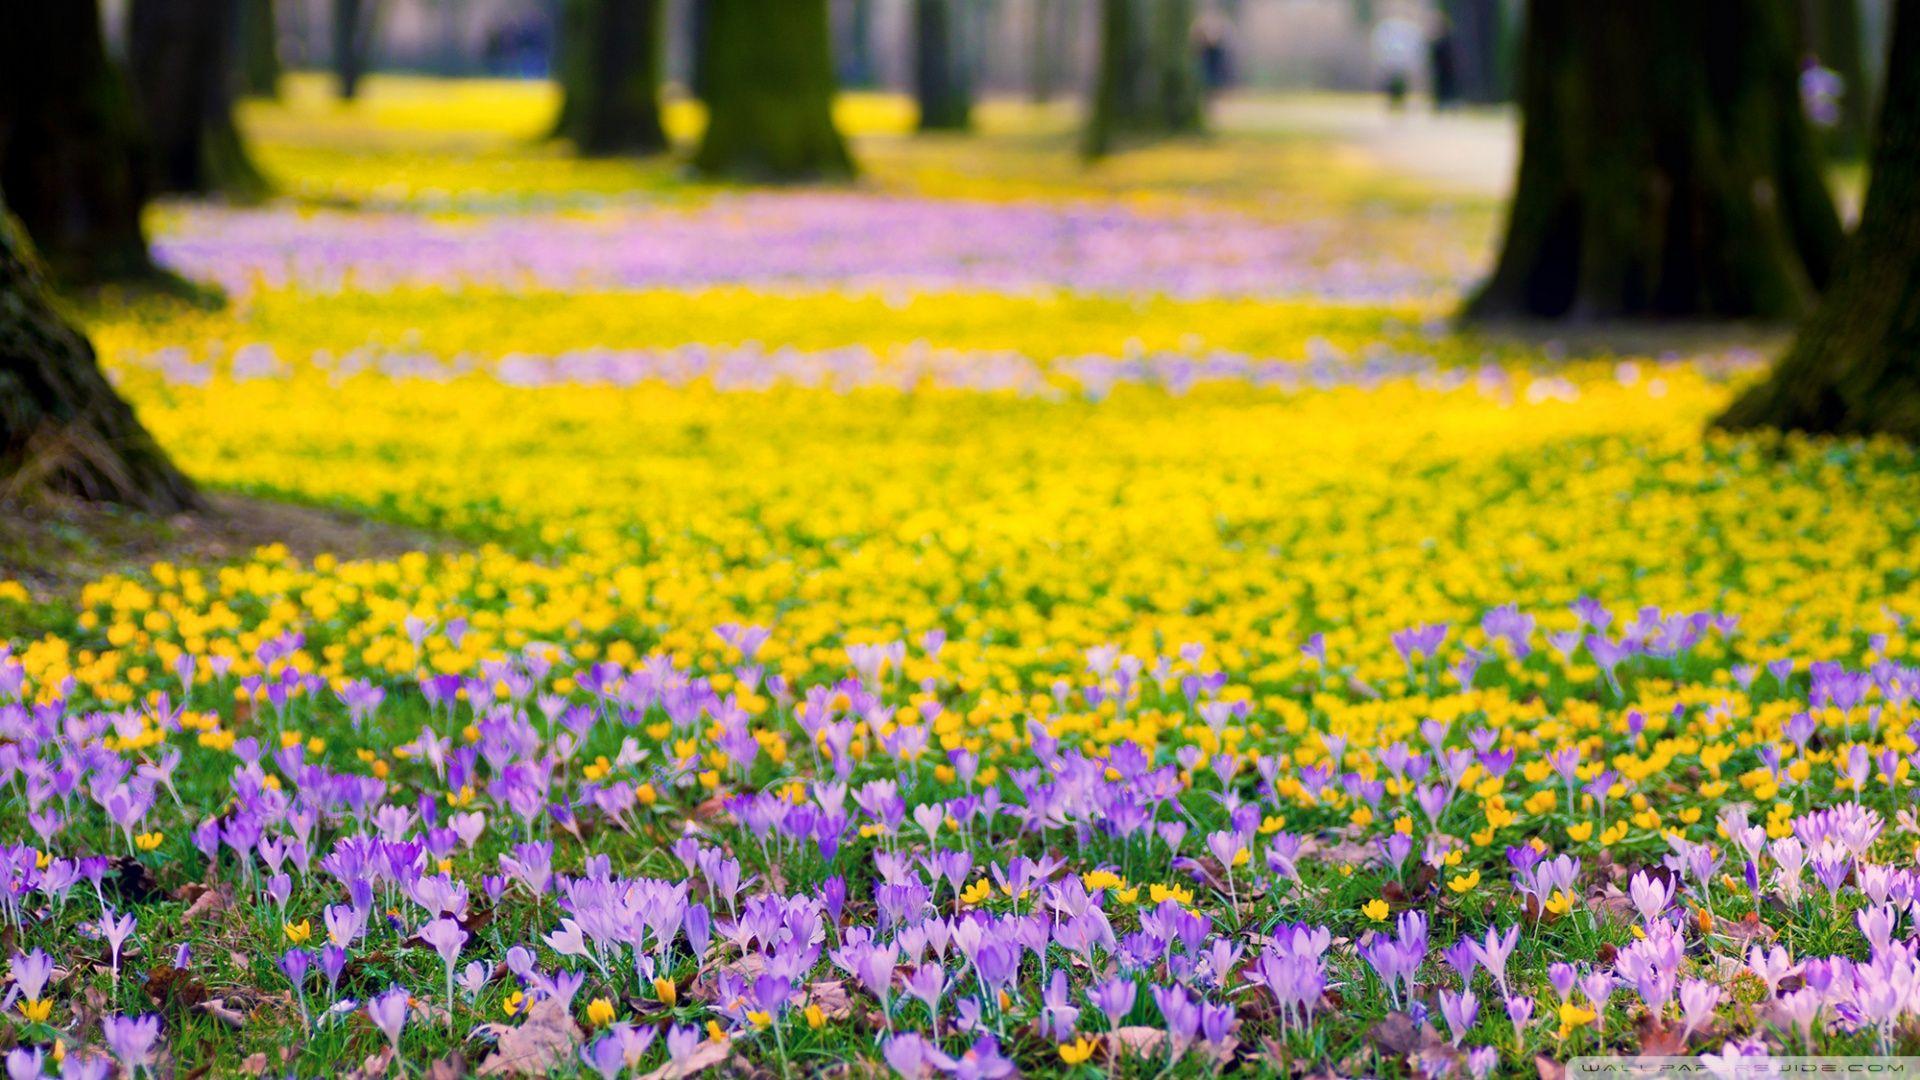 Spring Flowers Meadow Hd Desktop Wallpaper Spring Flowers